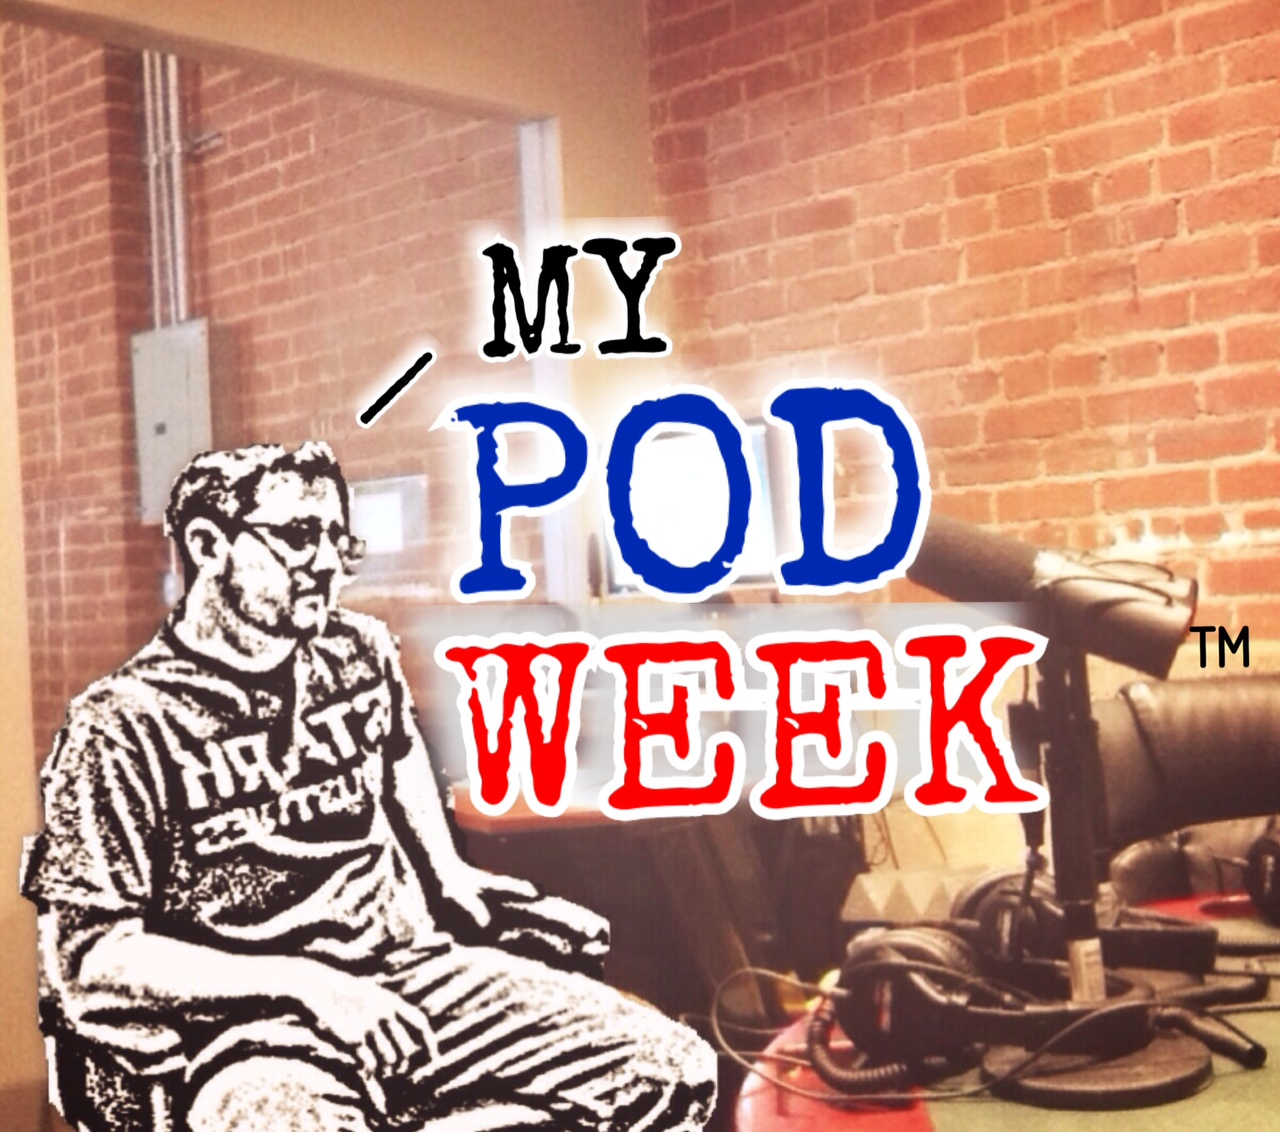 My Pod Week: Week ending 10/12/14